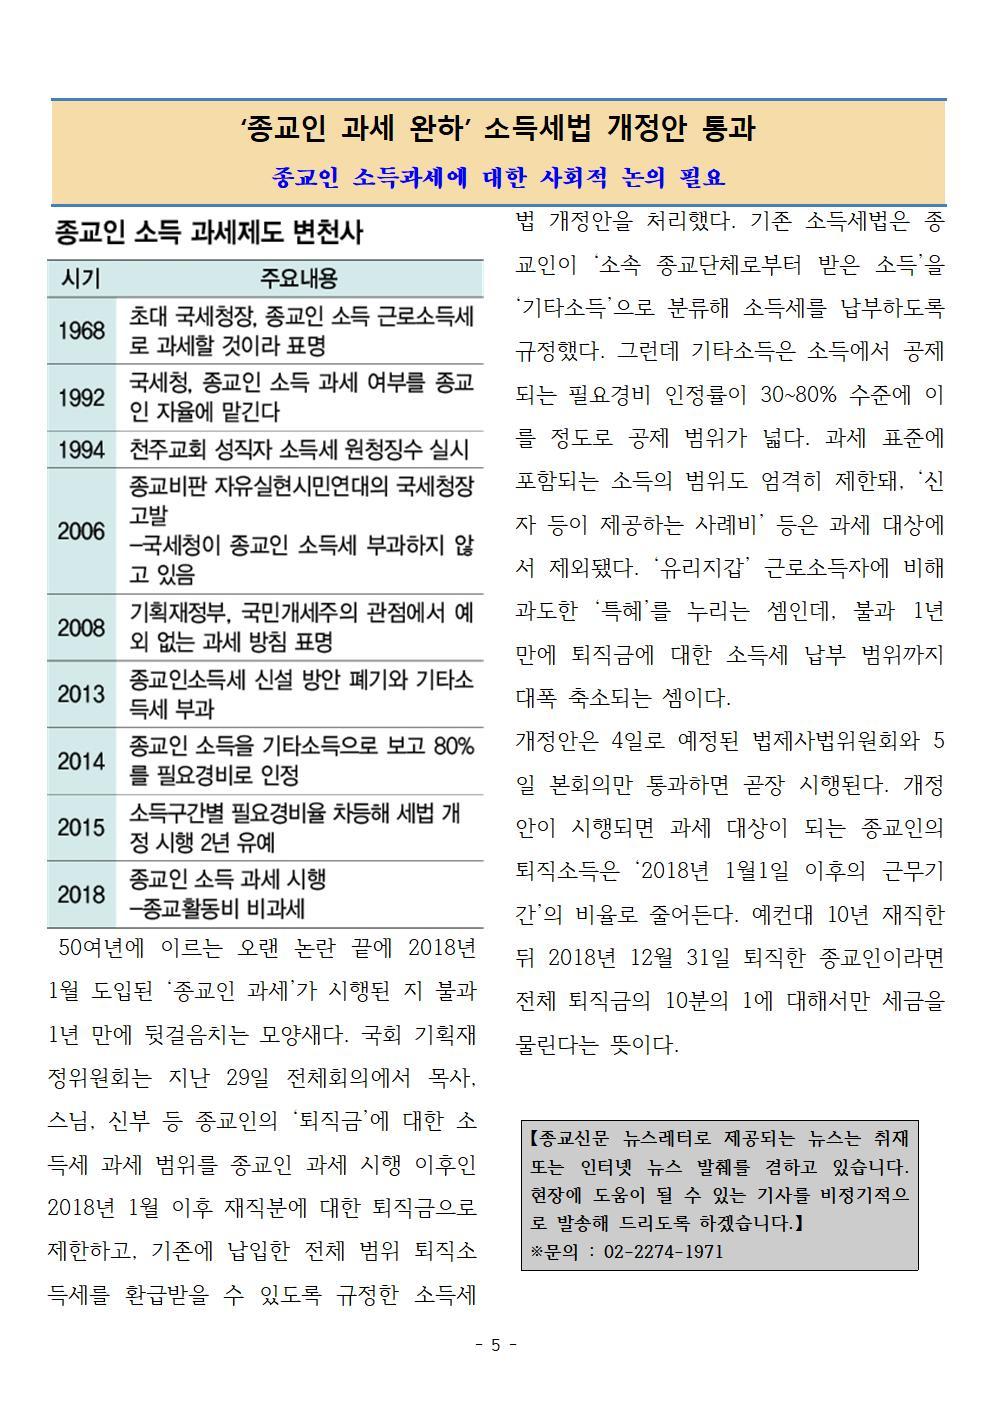 20190415 종협 뉴스레터 v2005.jpg